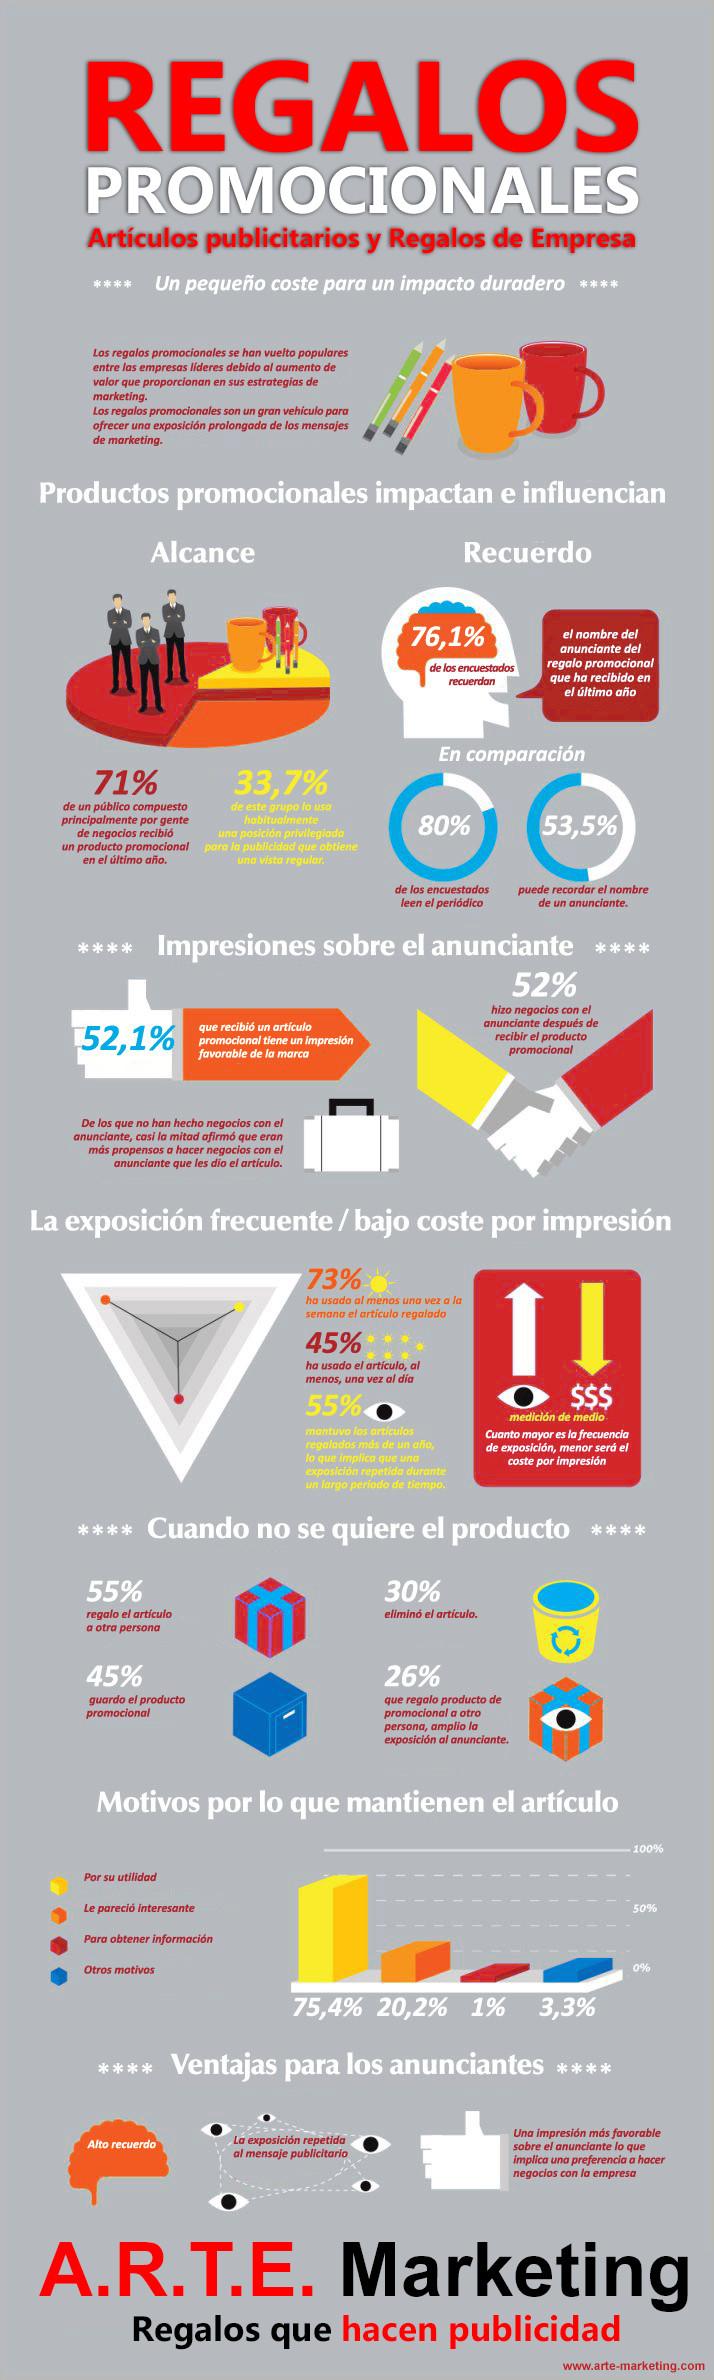 Infografía efectos regalos de empresa / artículos publicitarios / regalos promocionales